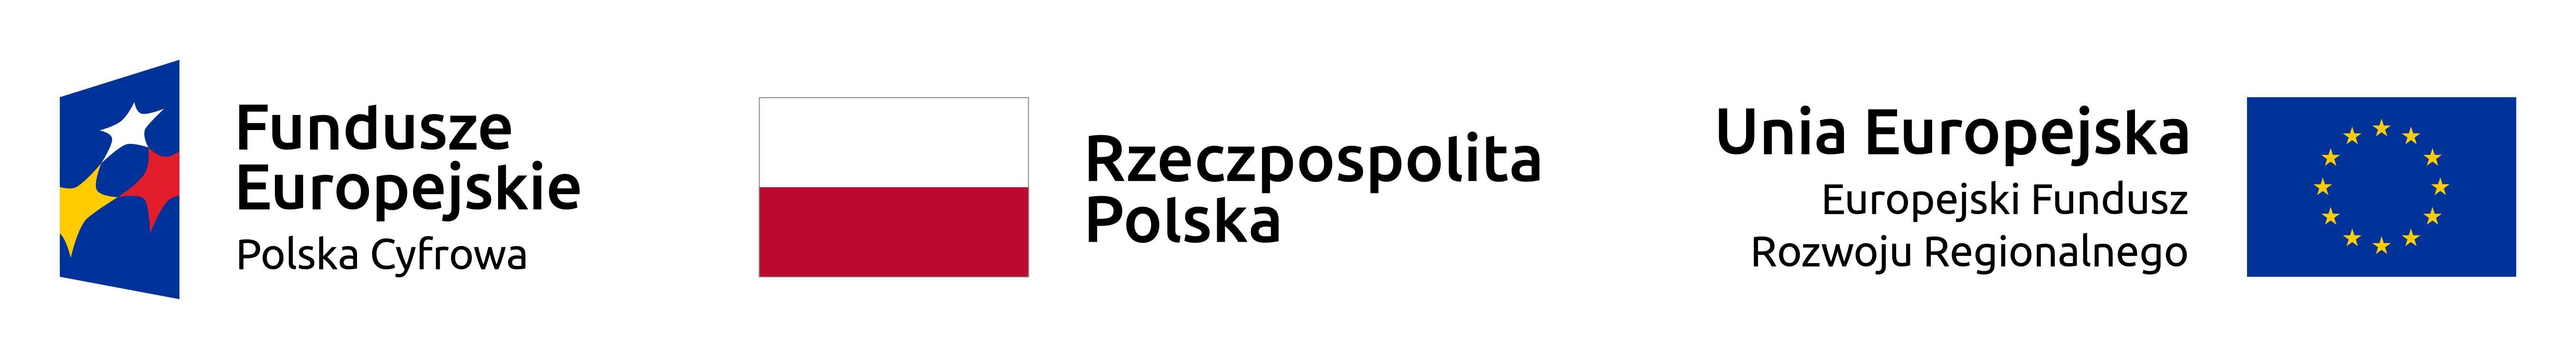 Znalezione obrazy dla zapytania fundusze europejskie polska cyfrowa